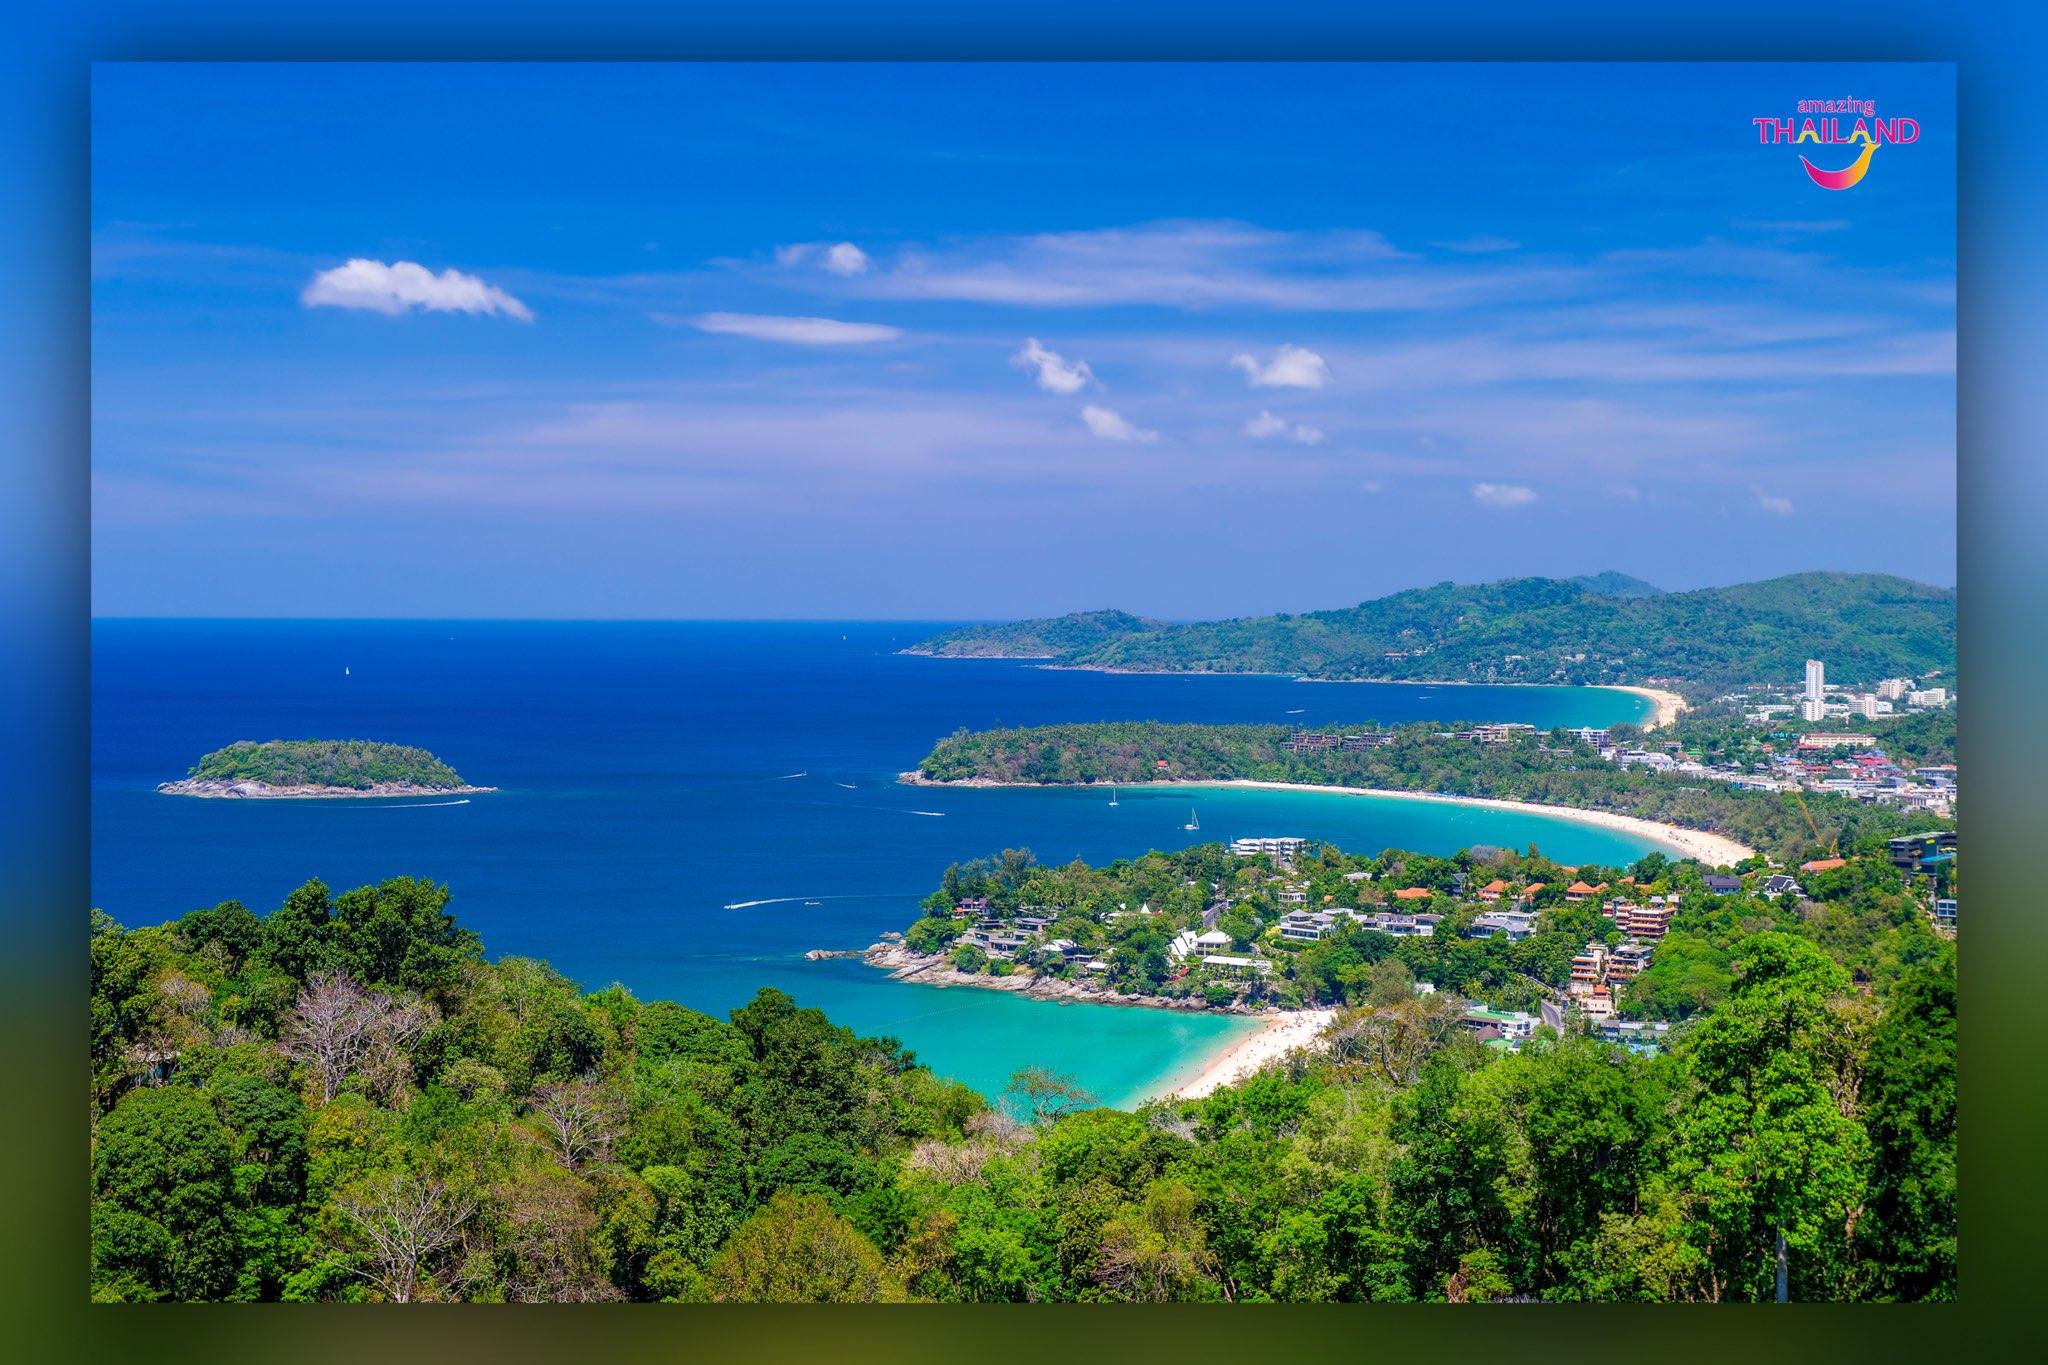 """Du lịch """"bình thường mới"""" 6 điều không thể không biết về đảo thiên đường Phuket Thái Lan"""